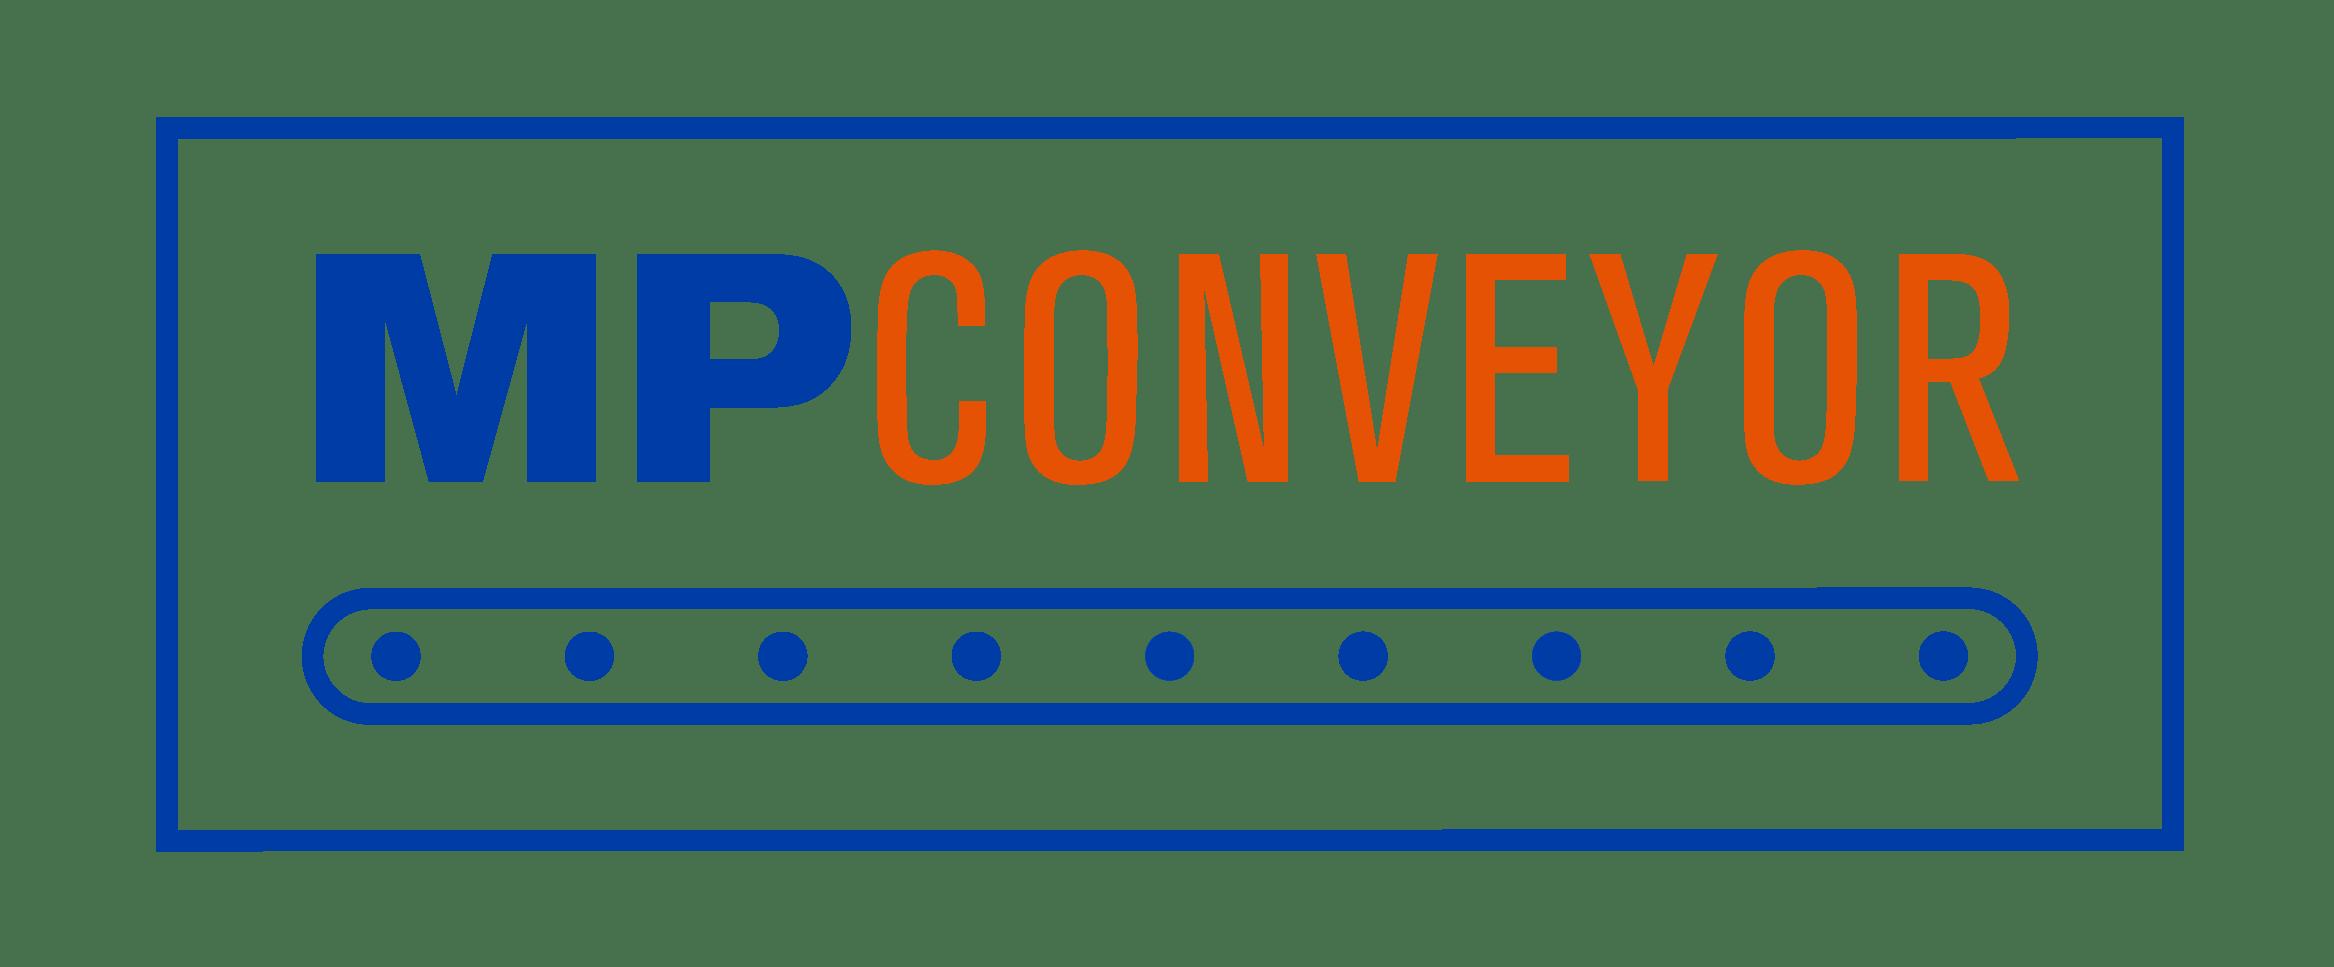 mpconveyor